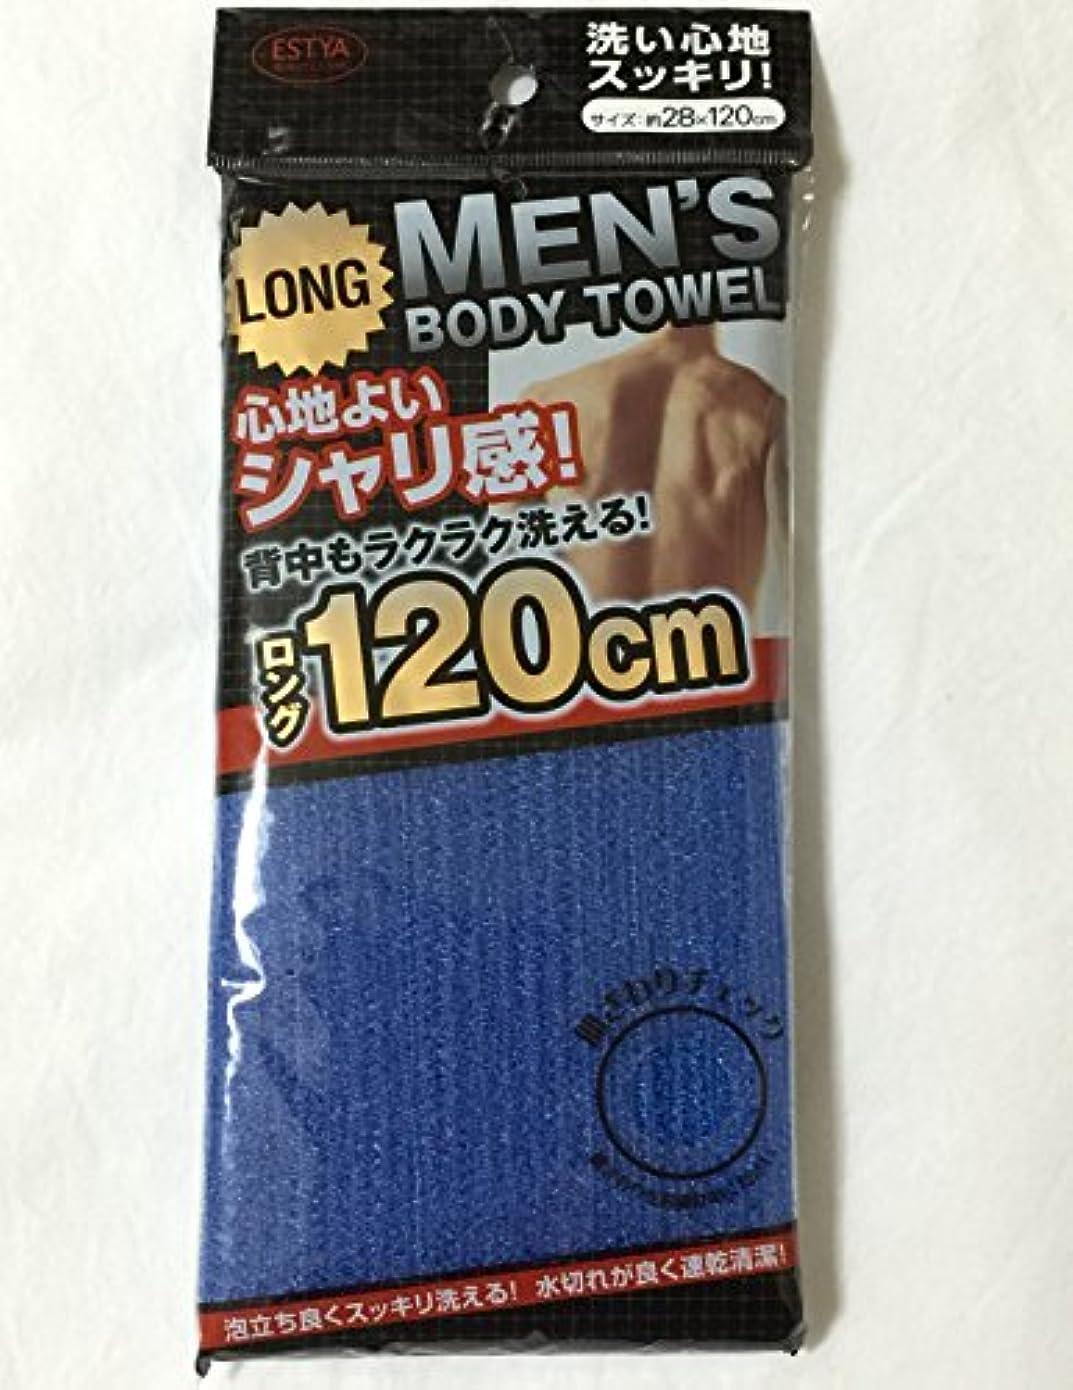 便利さパケット驚くべきメンズ ボディー  タオル 120cm ( かため ) スッキリ 爽快 ! 男性用 ロング ナイロン タオル